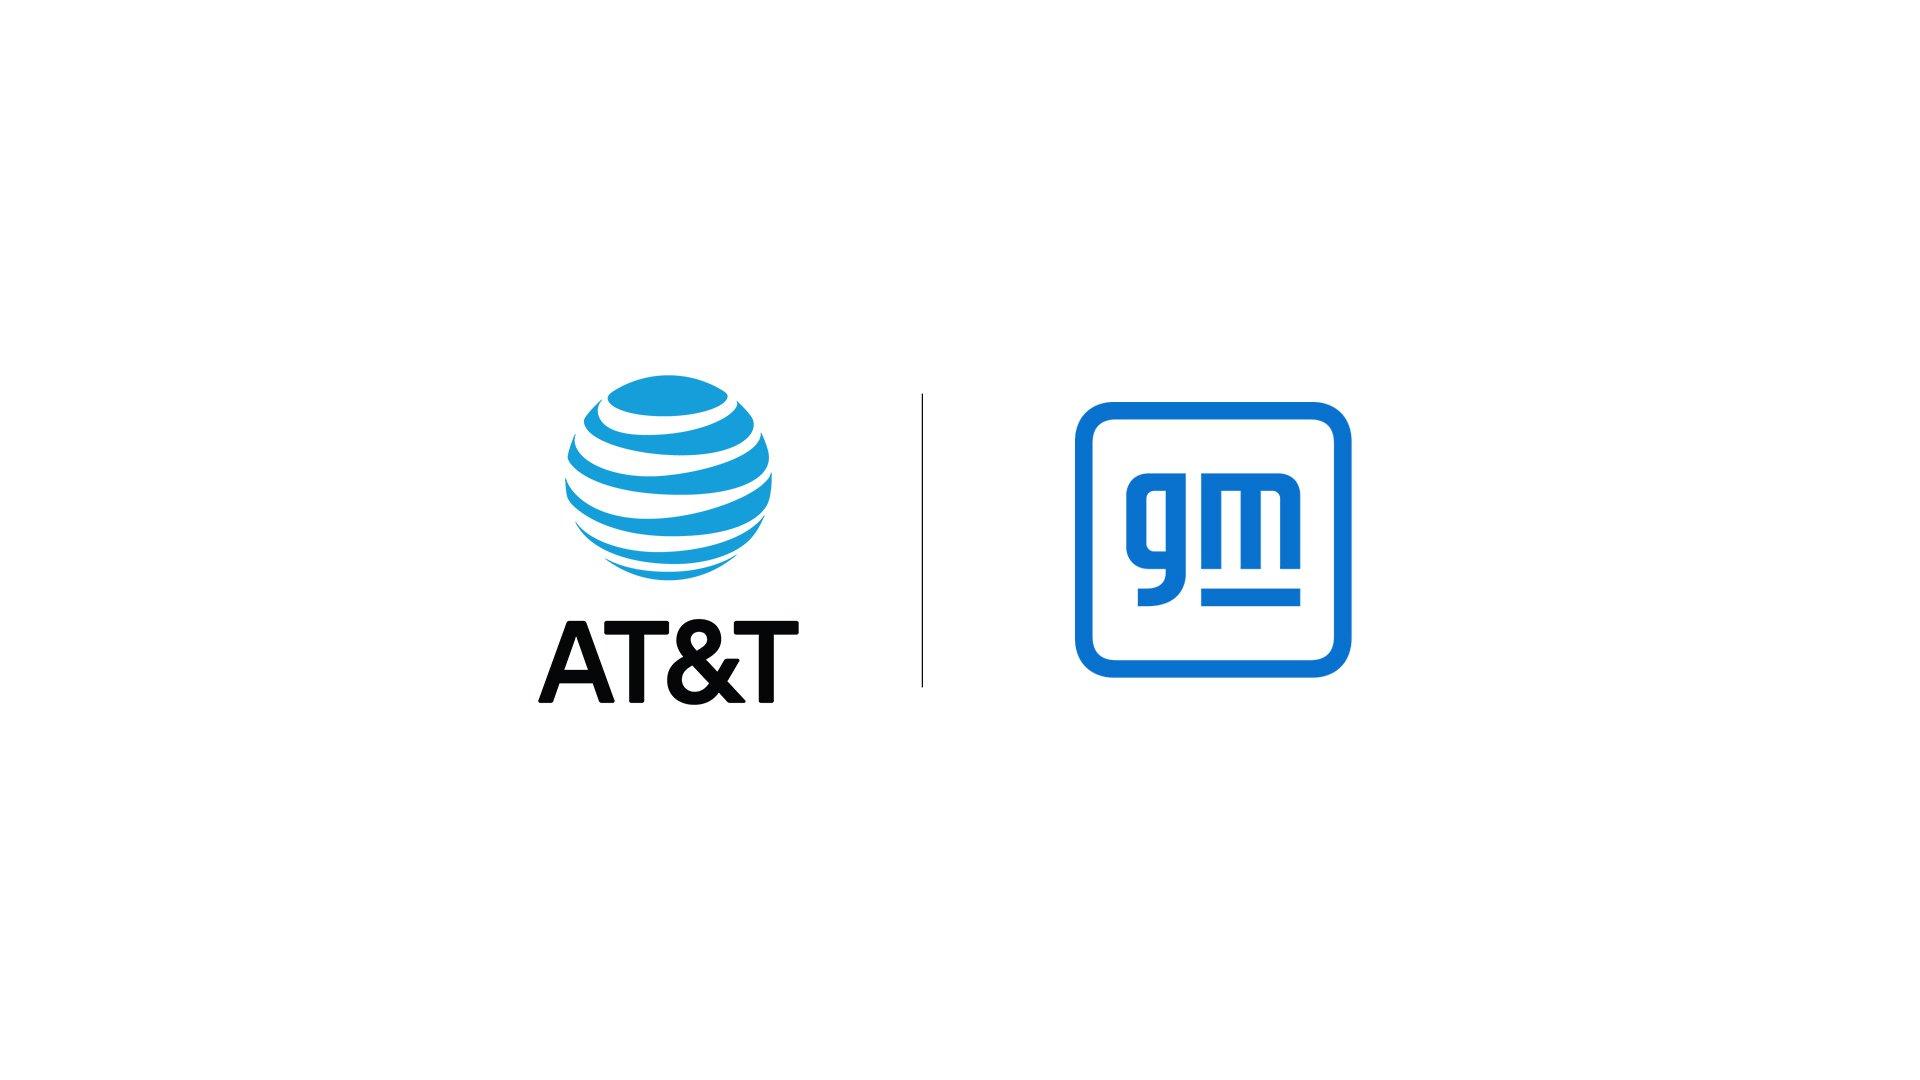 جنرال موتورز با همکاری AT&T محصولات خود را به فناوری 5G مجهز میکند